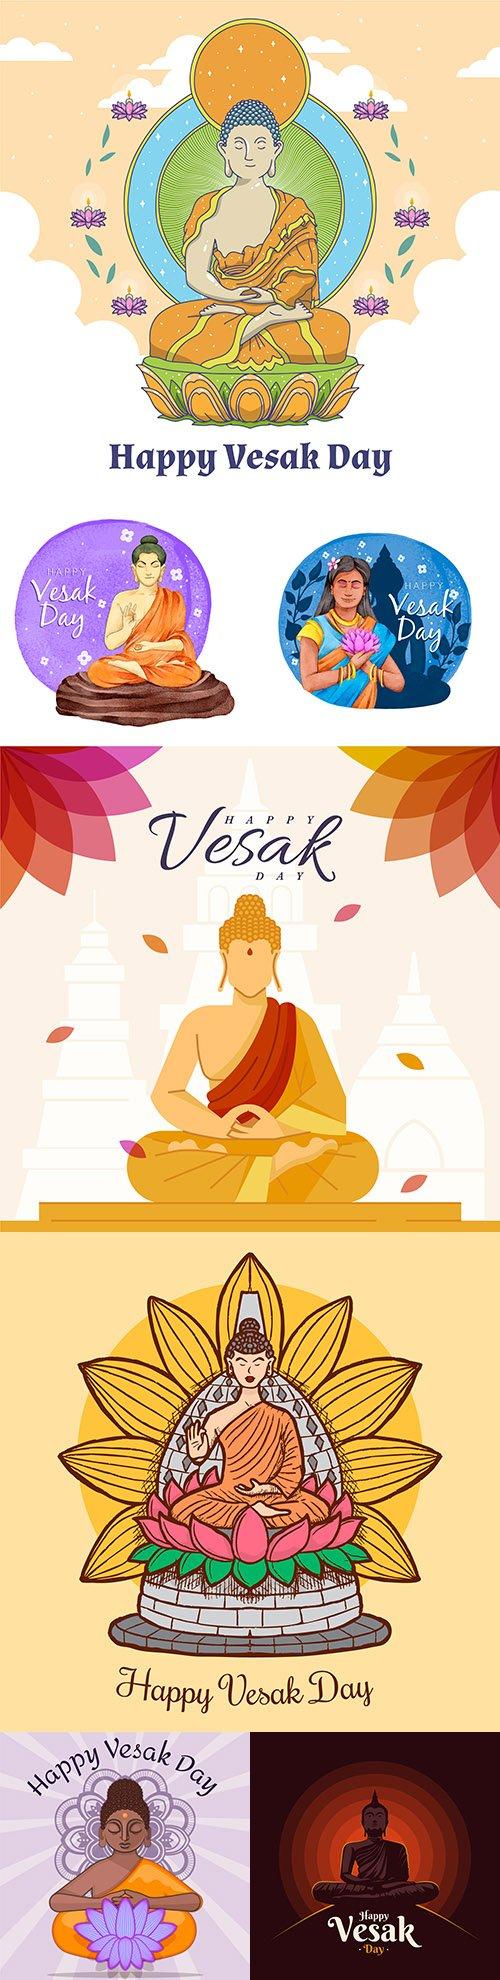 Happy Vesak day Buddhist holiday flat design illustrations